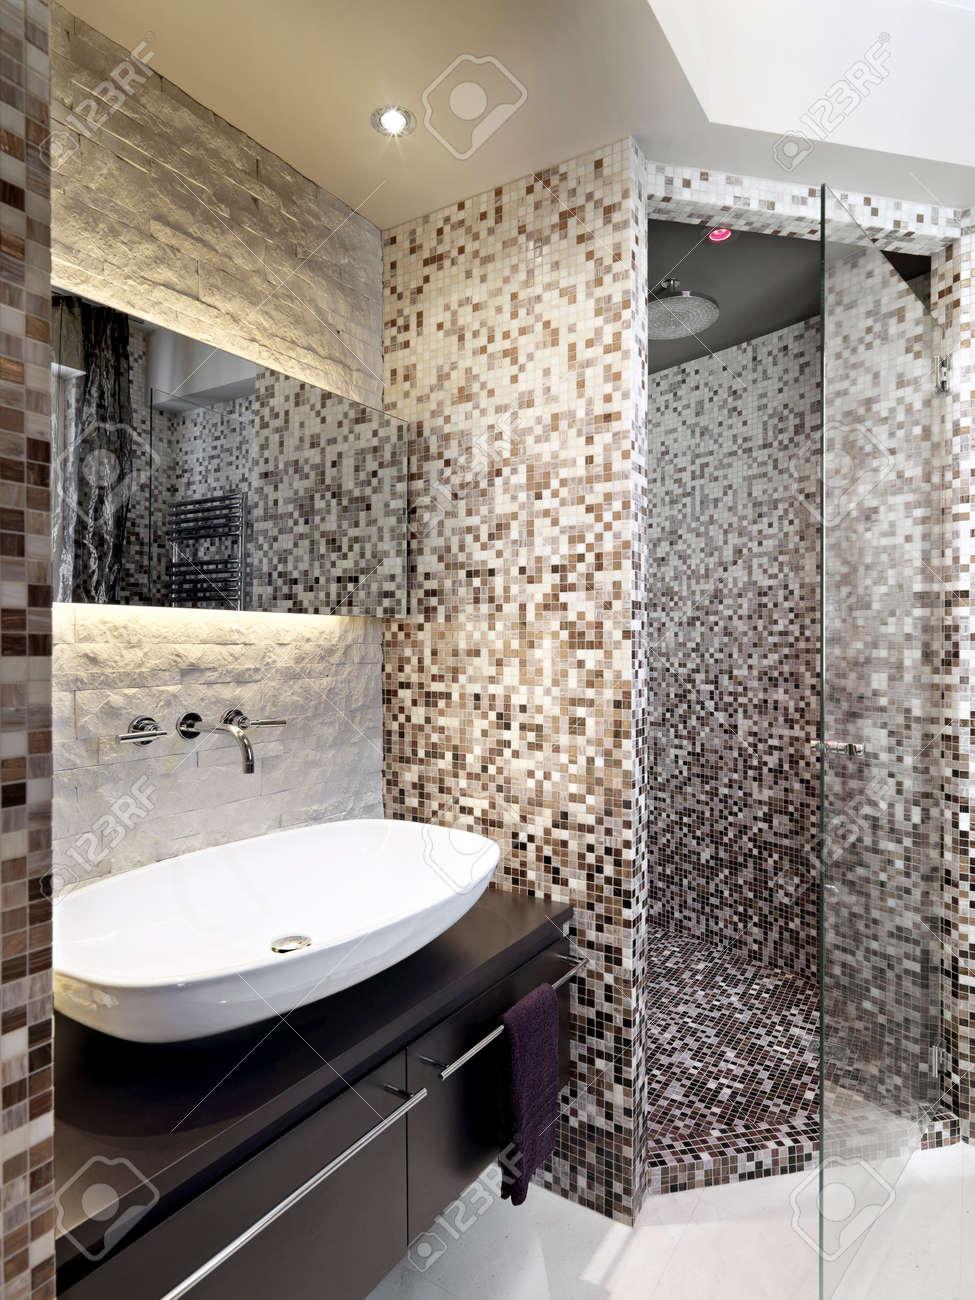 dettaglio del lavandino in un bagno moderno con box doccia in ... - Bagni Con Mosaico Moderni